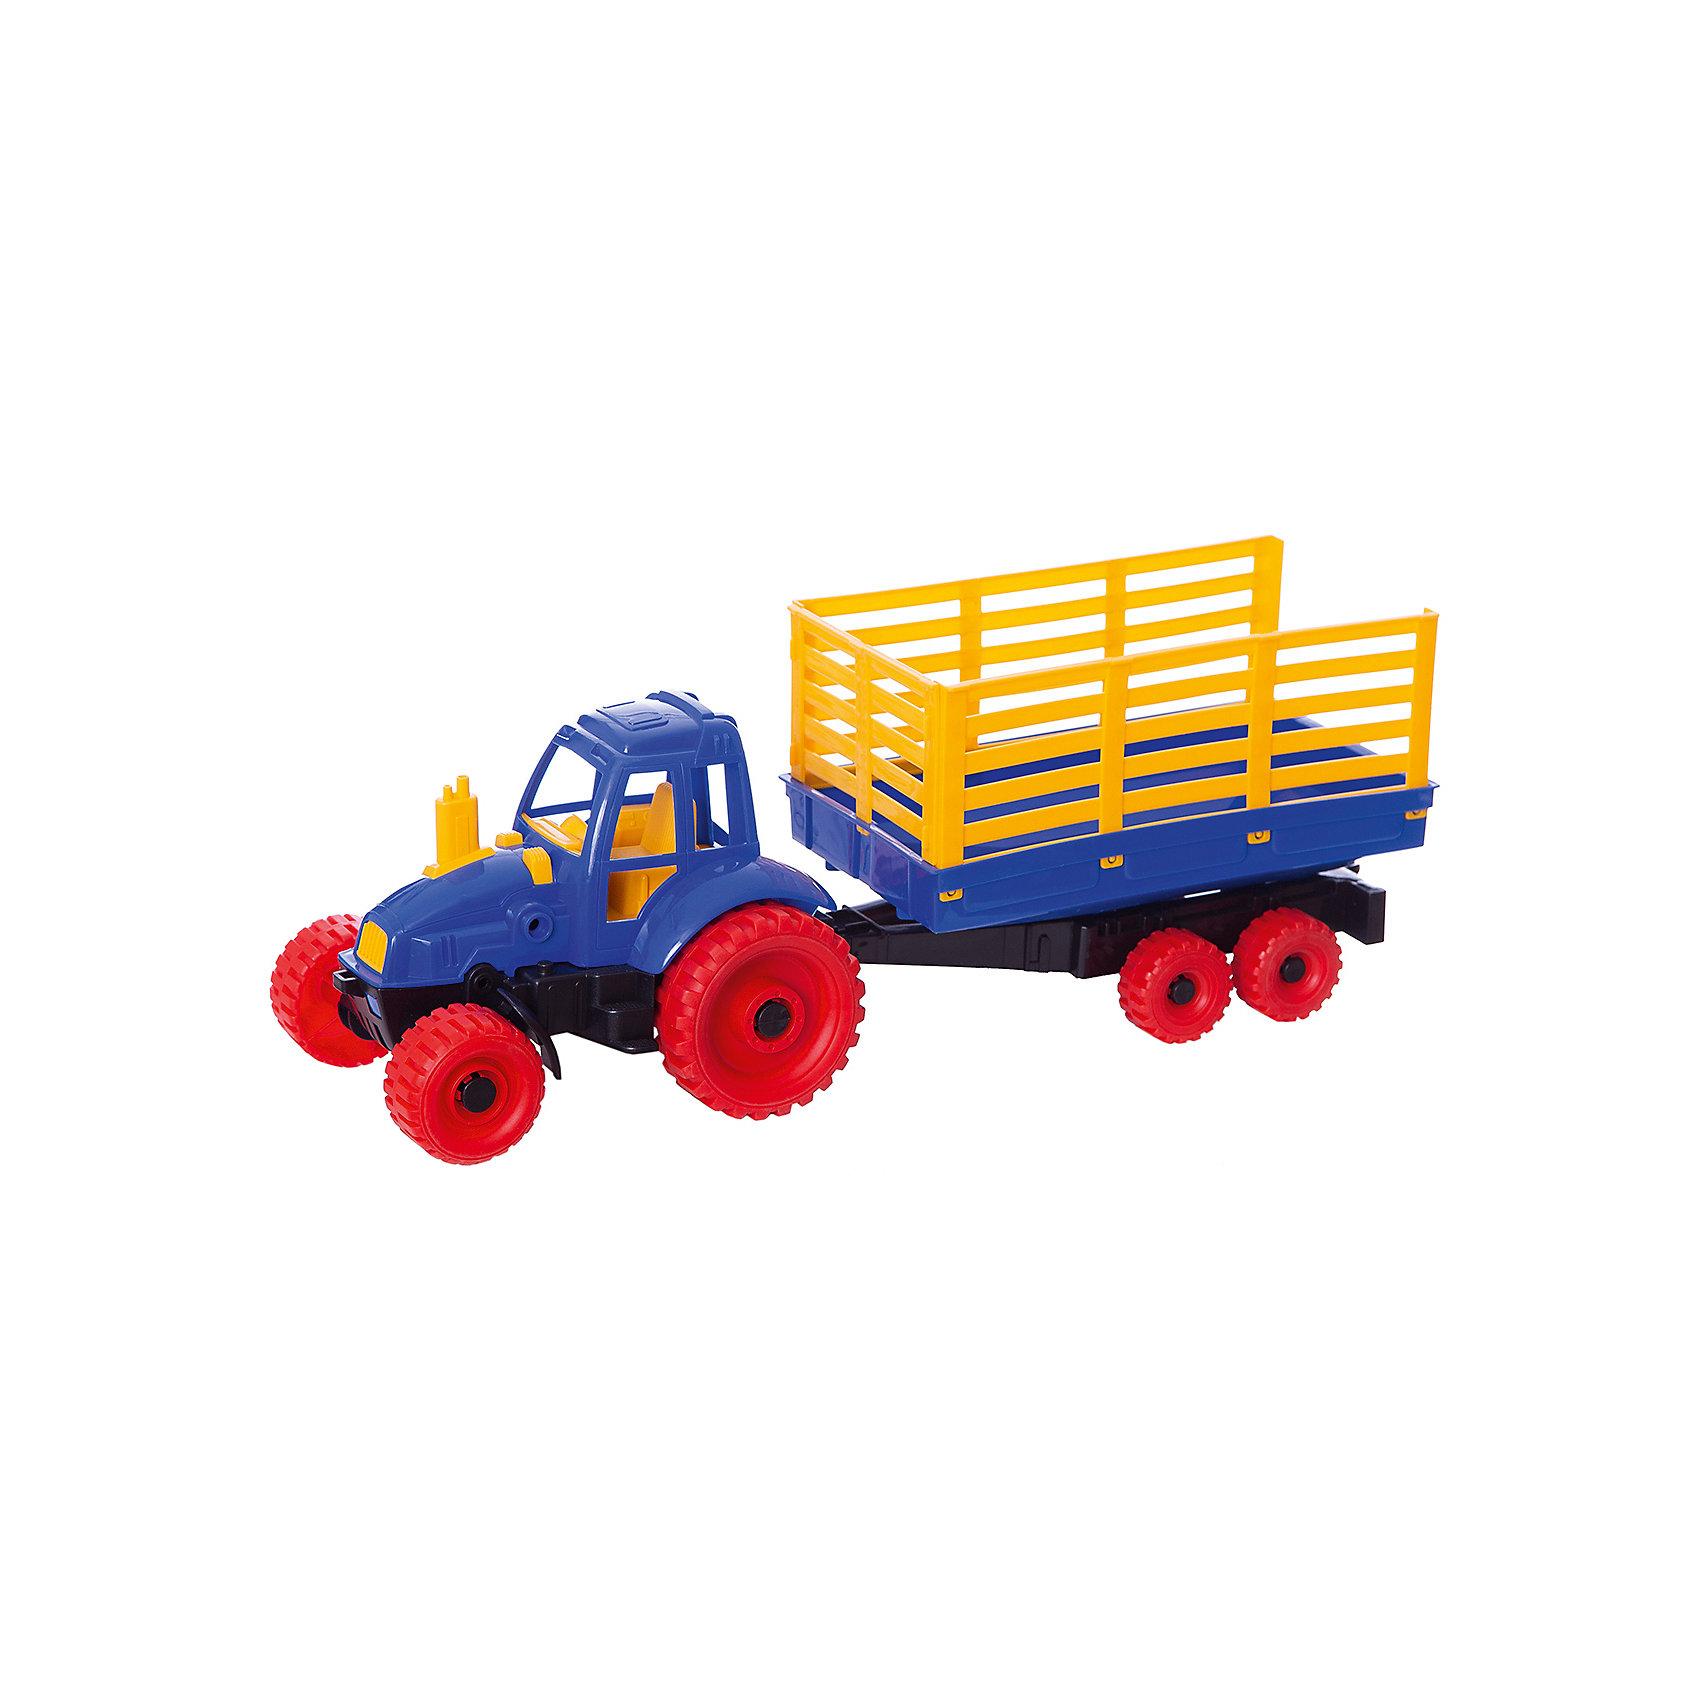 Трактор с прицепом, в ассортименте, НордпластИграем в песочнице<br>Трактор с прицепом, Нордпласт – это пластмассовая машина, которой интересно будет играть вашему мальчику.<br>Надежный, крепкий и красочный трактор с прицепом от компании Нордпласт отлично подойдет ребенку для различных игр дома, в детском саду или на прогулке. В просторном кузове ребенок сможет перевозить свои любимые игрушки, песок и формочки для него. Прицеп легко отсоединяется и прицепляется к трактору, что придает игре большую динамичность. Благодаря широким рельефным колесам обеспечивается отличное сцепление с поверхностью, а значит, трактор может преодолеть даже самые «непроходимые» песочные горки. Кабина с сидением открытая, поэтому в ней можно разместить маленькую фигурку водителя. Игрушка изготовлена из высококачественной пищевой пластмассы, без трещин и заусениц, поэтому во время эксплуатации выдержит многие детские шалости. Она покрыта нетоксичной краской, не облупливающейся и не выгорающей на солнце. Товар соответствует требованиям стандарта для детских игрушек и имеет сертификат качества.<br><br>Дополнительная информация:<br><br>- Материал: высококачественная пластмасса<br>- Размер: 19х16,5х54 см.<br>- Вес: 710 гр.<br><br>Трактор с прицепом, Нордпласт можно купить в нашем интернет-магазине.<br><br>Ширина мм: 540<br>Глубина мм: 170<br>Высота мм: 190<br>Вес г: 710<br>Возраст от месяцев: 24<br>Возраст до месяцев: 60<br>Пол: Мужской<br>Возраст: Детский<br>SKU: 4060317